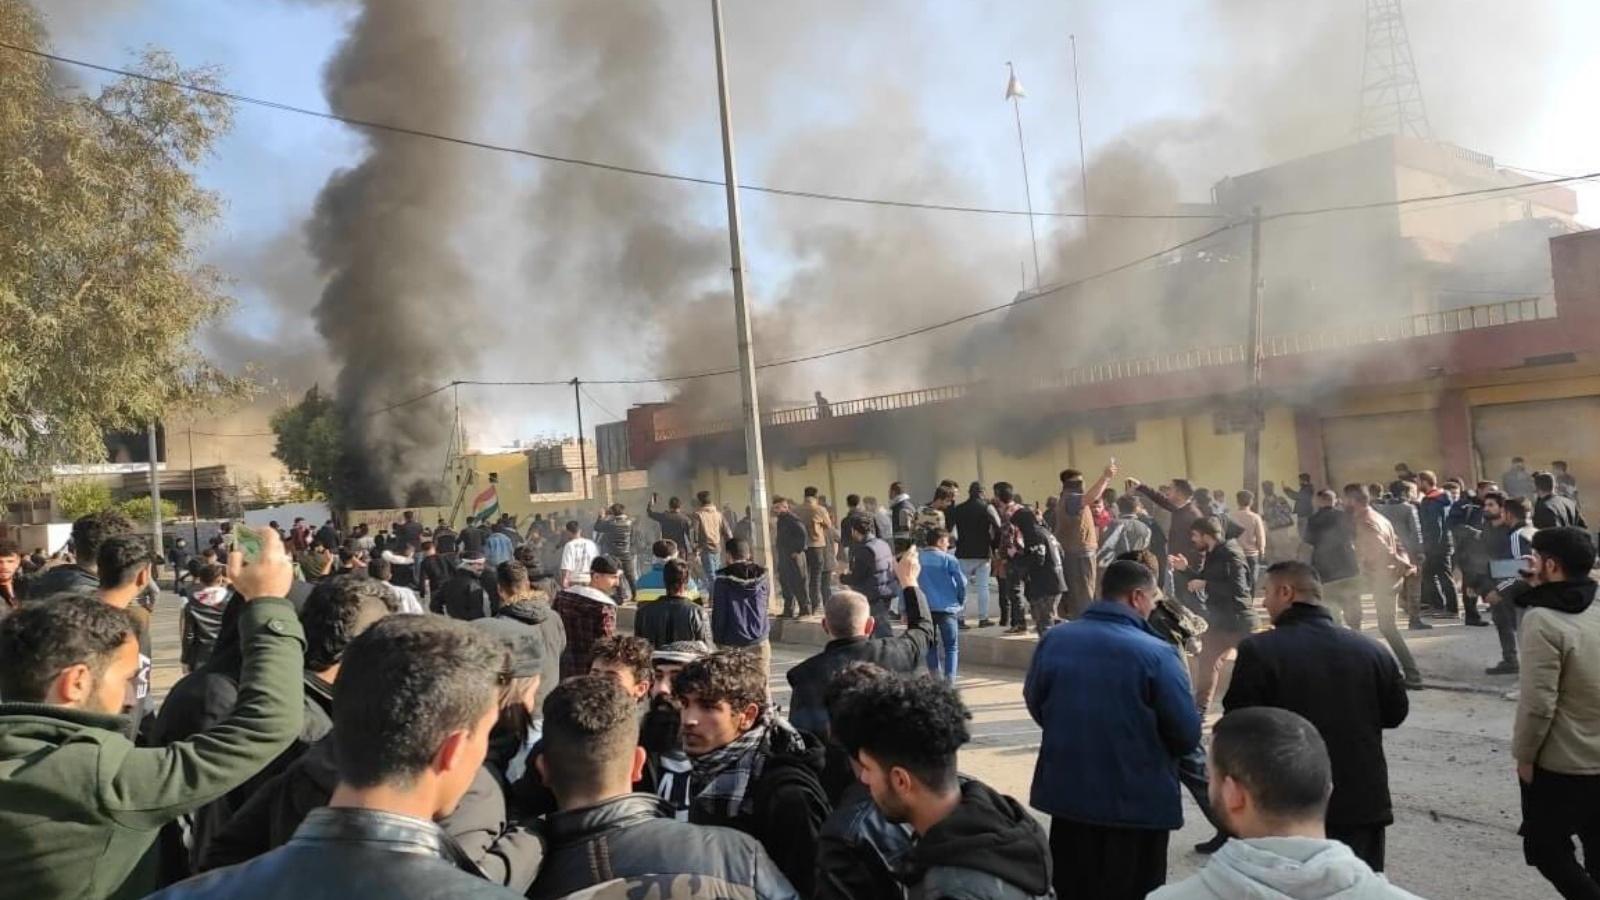 خلال 24 ساعة..  حقوق  يسجل مقتل 3 متظاهرين وملاحقات للصحفيين في تظاهرات الإقليم